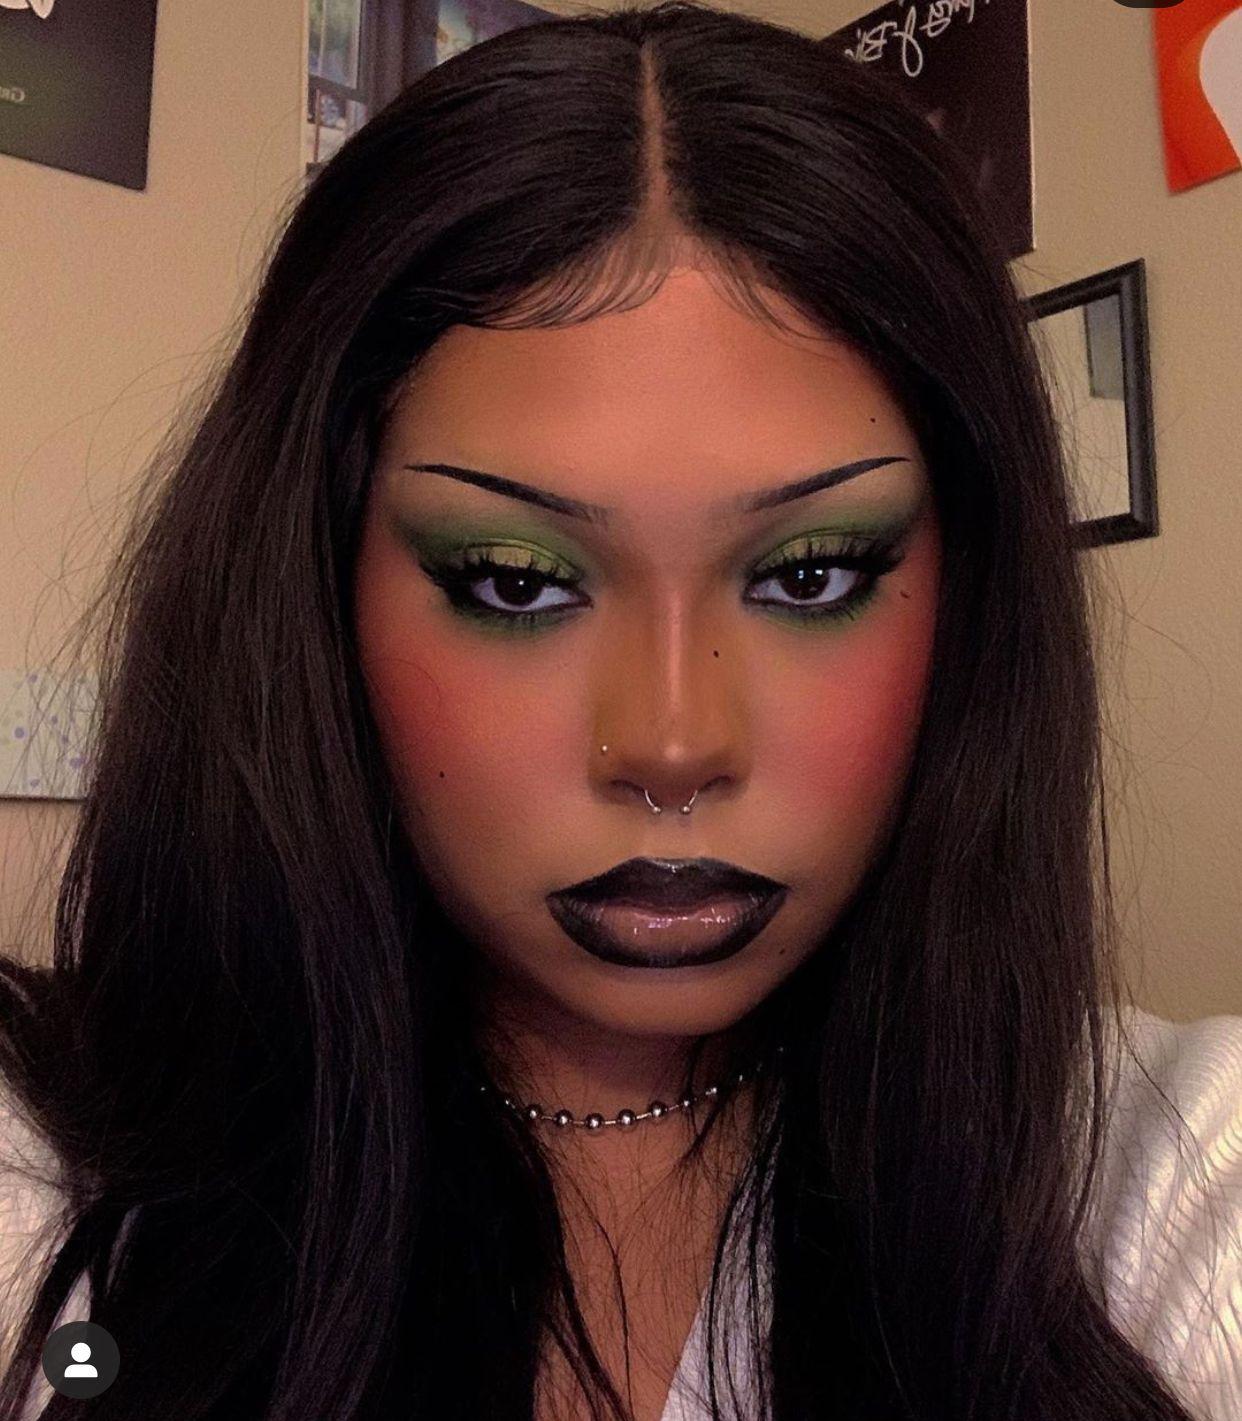 Billieholiblaze In 2020 Alternative Makeup Edgy Makeup Creative Makeup Looks